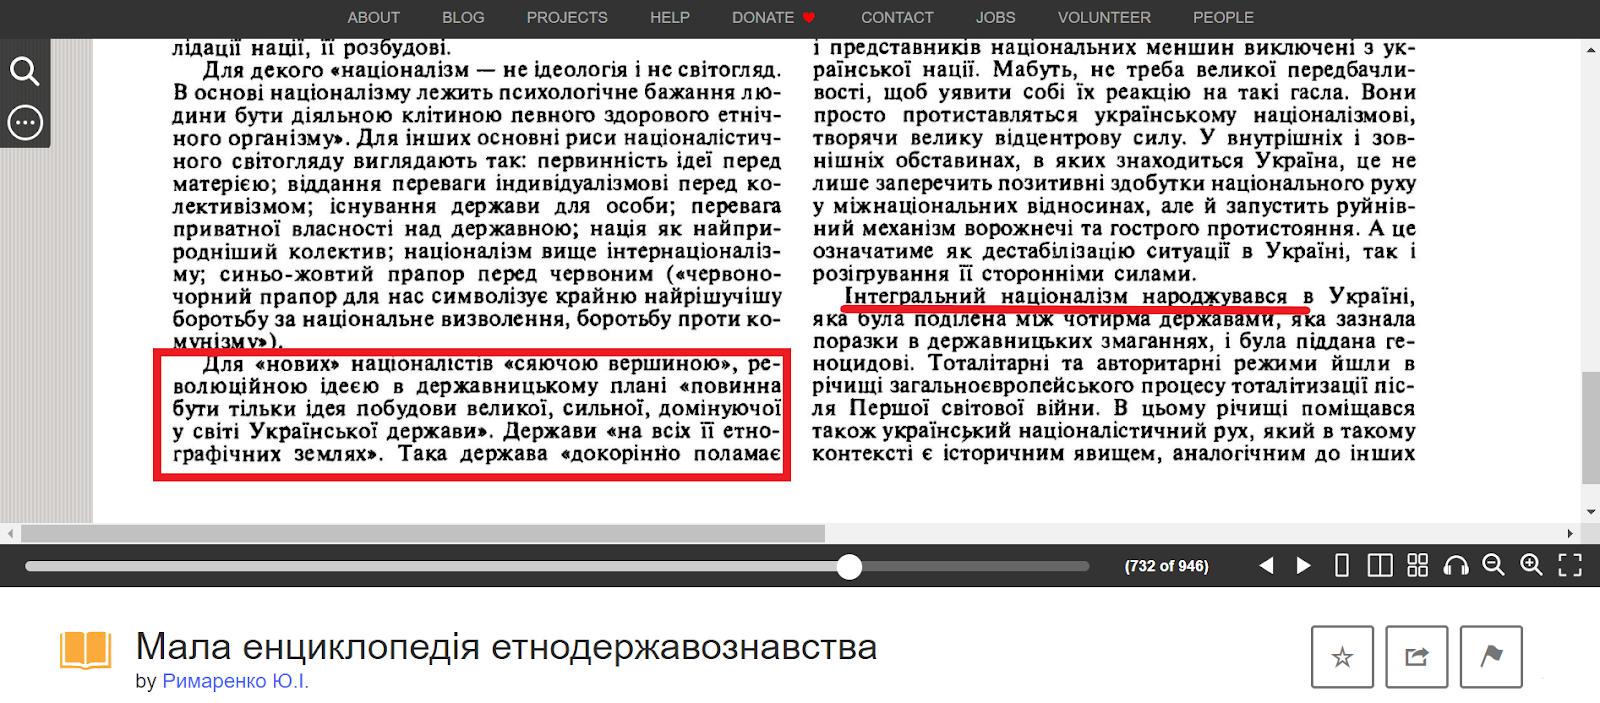 В работе Медведчука нашли копирования дословно высказываний ученых